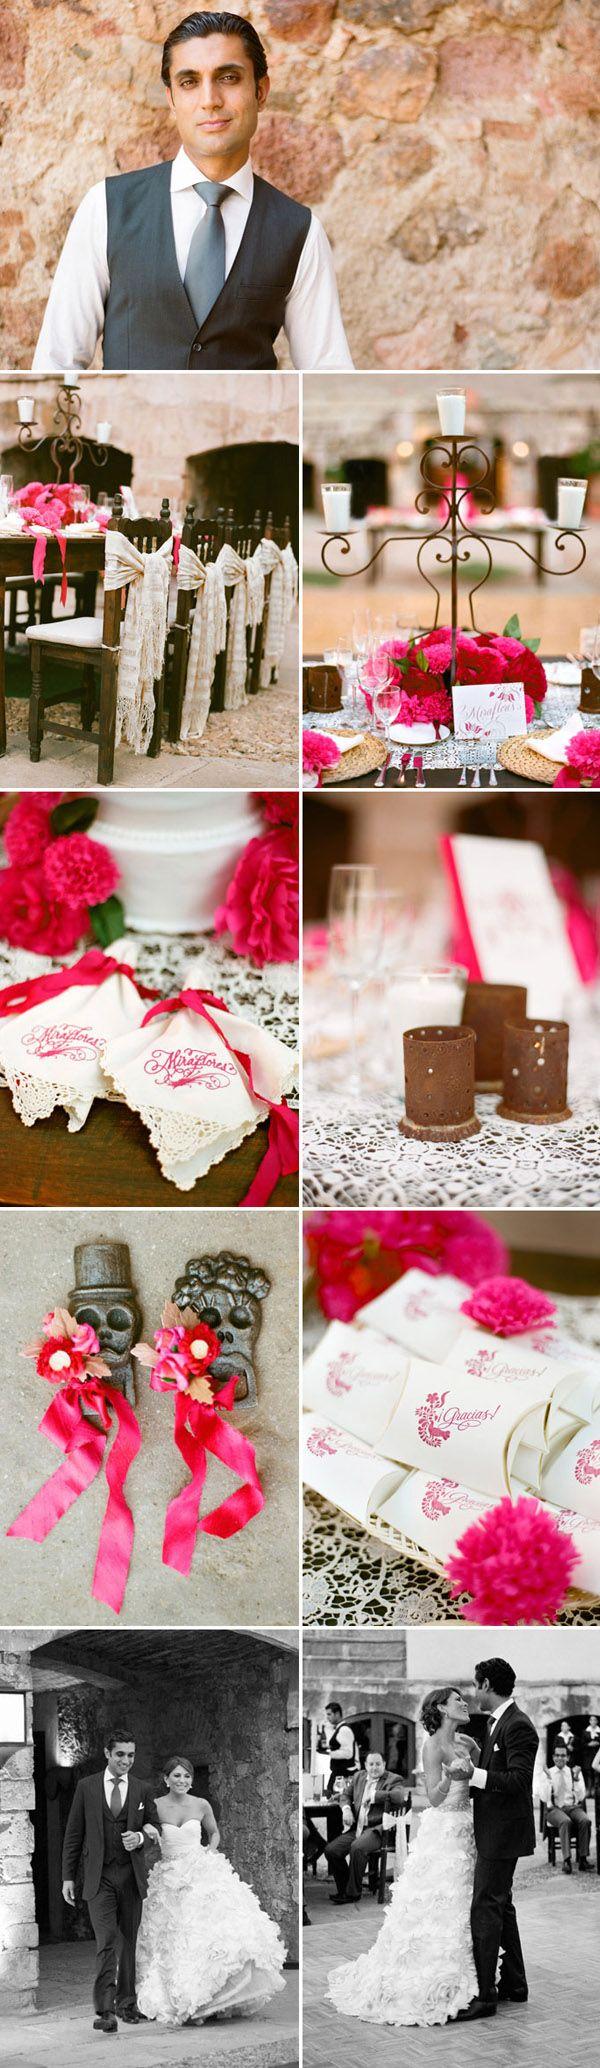 Regina & Zaheen: boda en Zacatecas mexico_10_600x2068